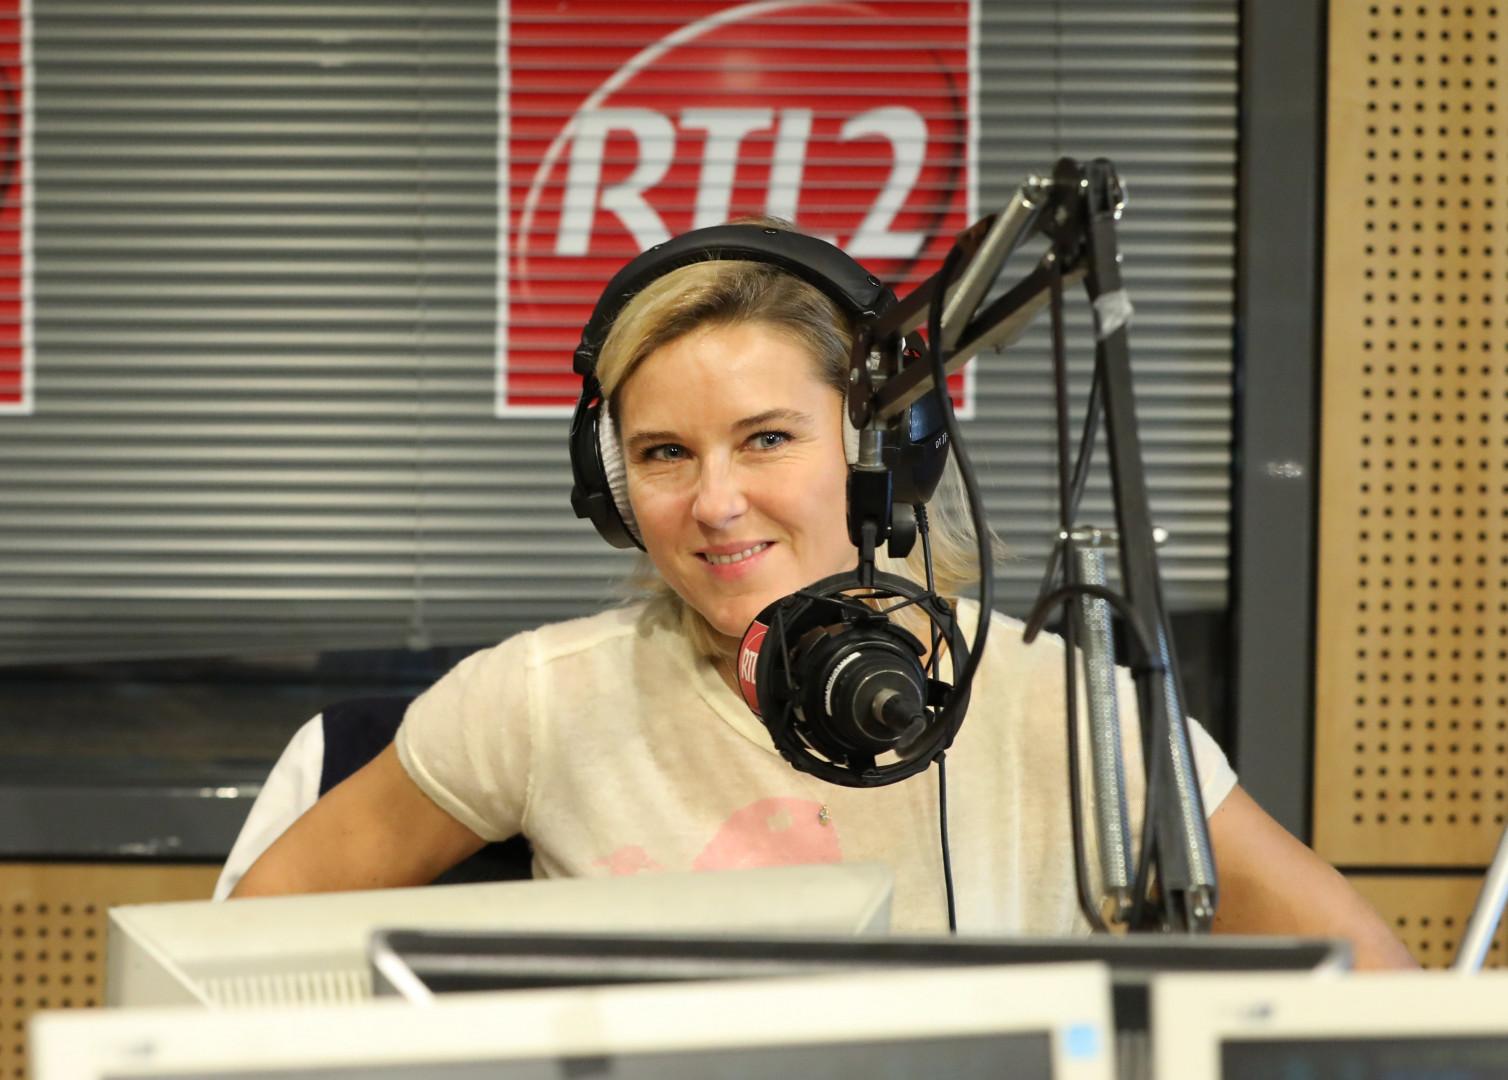 Mat Bastard et Stéphanie Renouvin anime RTL2 Pop Rock Studio tous les vendredi de 19h à 20h